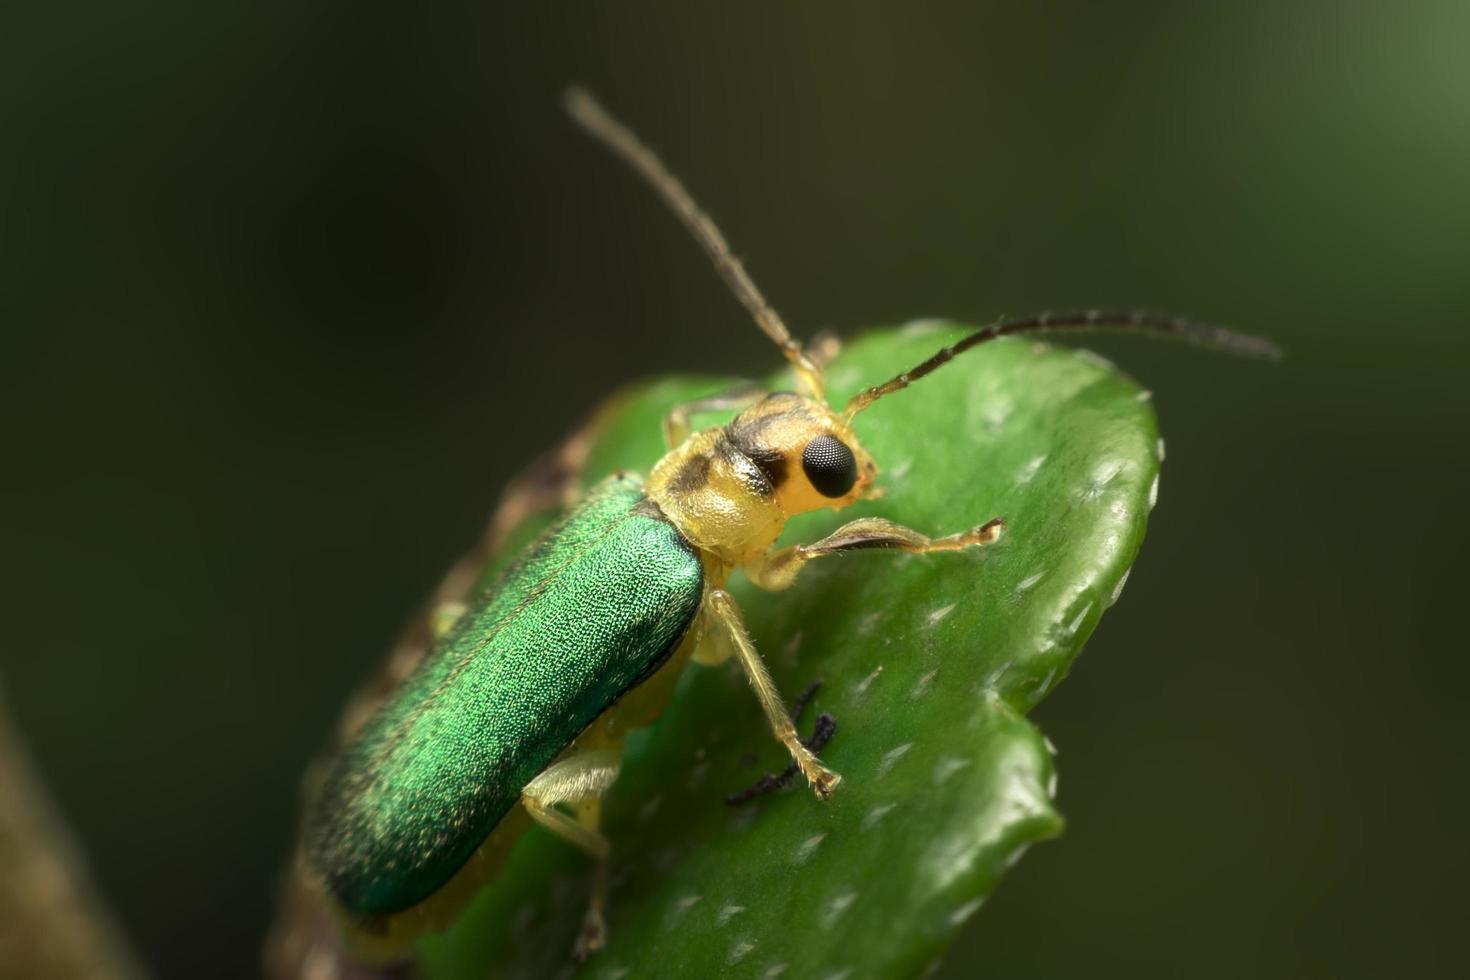 grön skalbagge på grön bladbakgrund foto